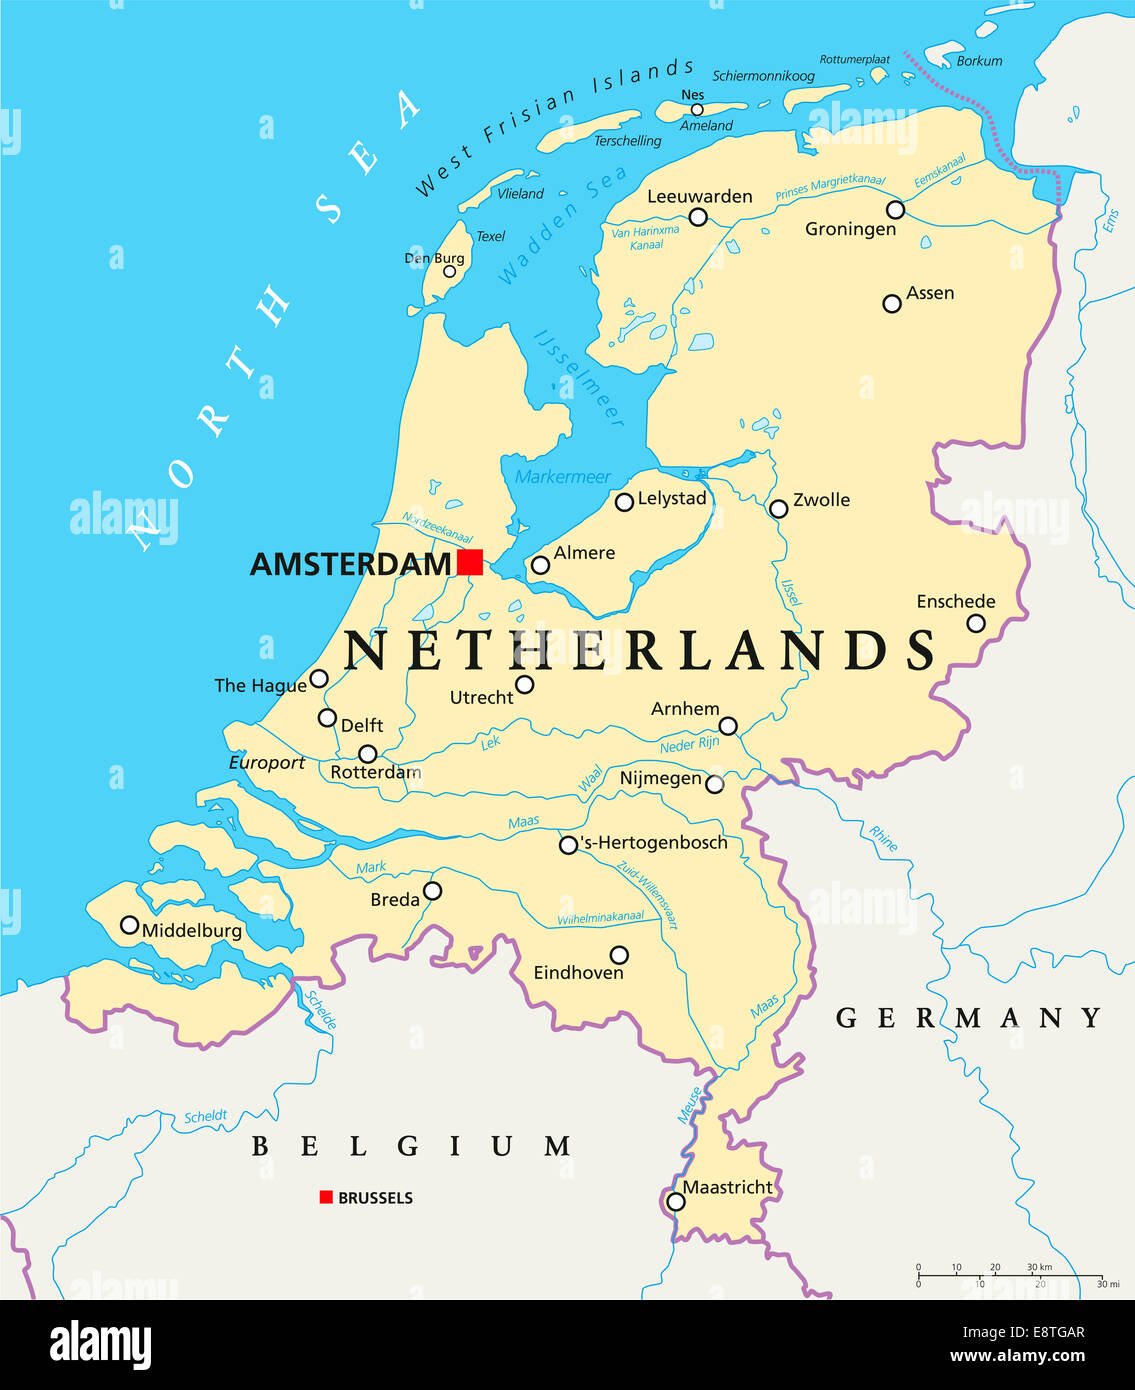 niederlande politische karte mit hauptstadt amsterdam landesgrenzen wichtige st dte fl sse. Black Bedroom Furniture Sets. Home Design Ideas